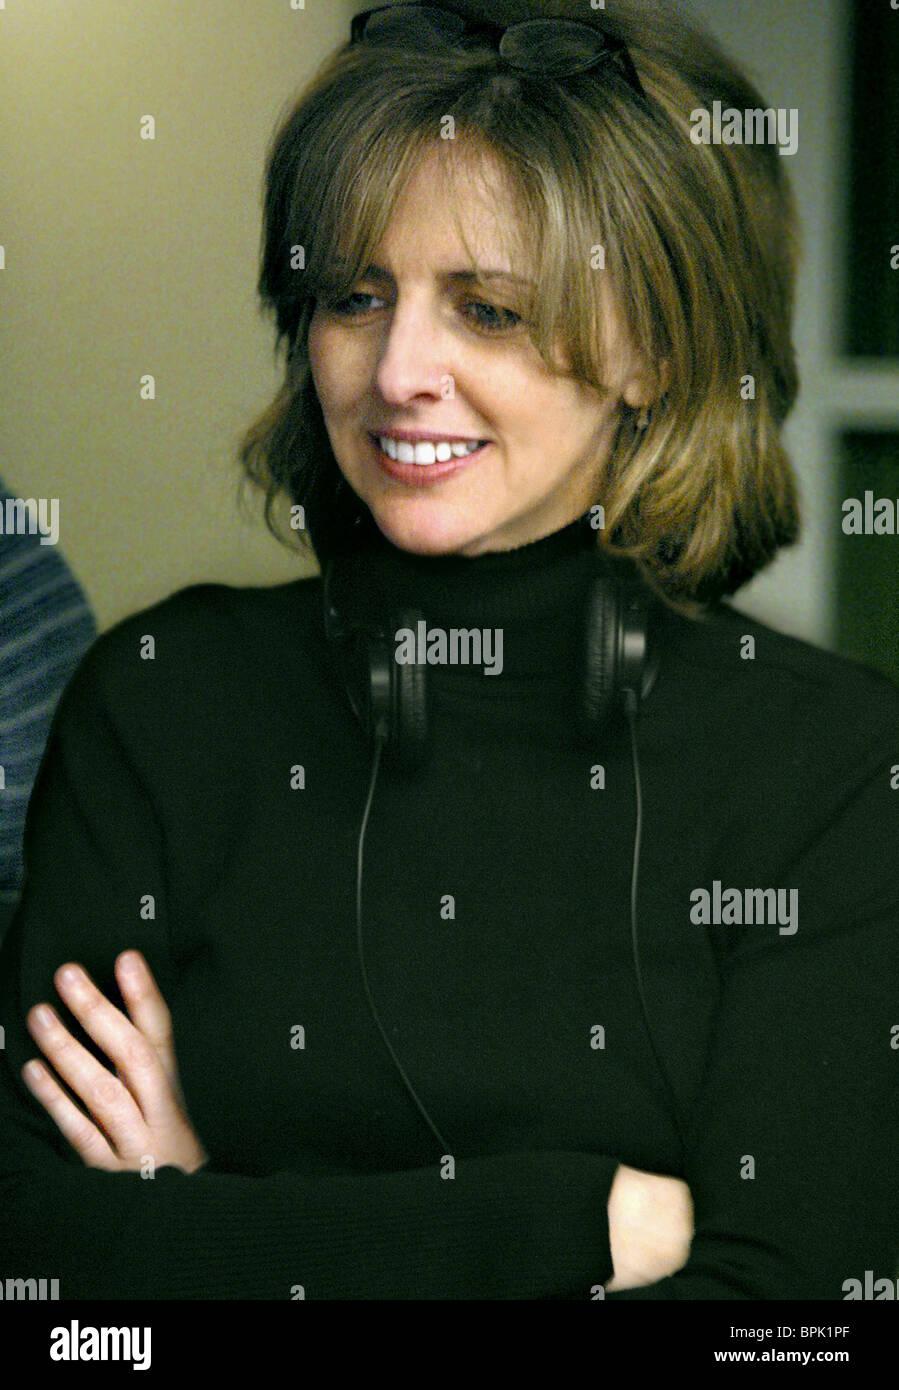 Nancy Meyers Nancy Meyers Somethings Gotta Give 2003 Stock Photo Royalty